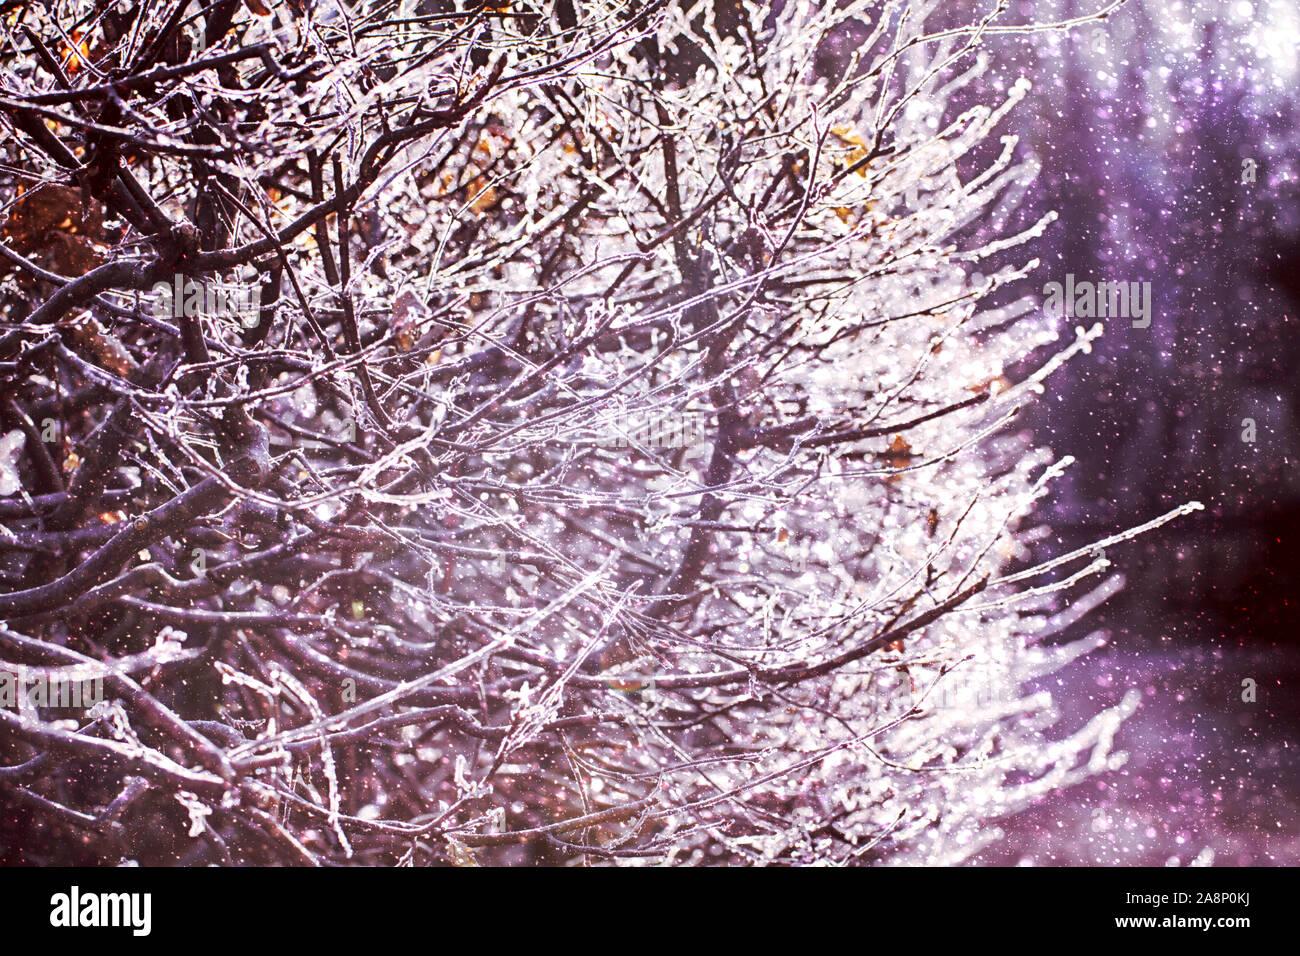 Des brindilles d'arbres gelés en contre-jour, journée d'hiver avec du soleil et de la neige Banque D'Images